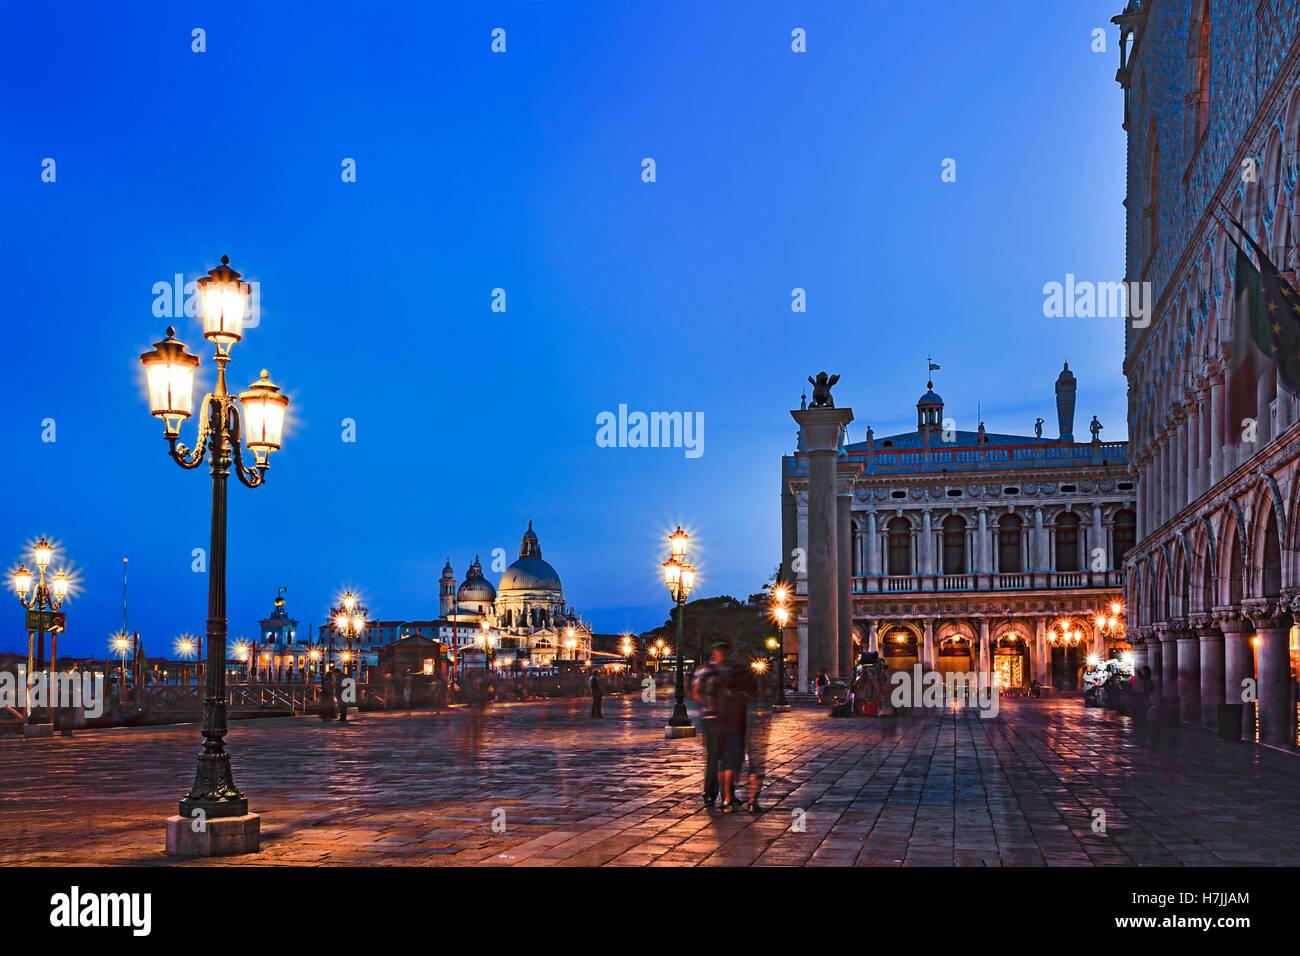 La place San Marco le long de grand canal Venise gondole pier avec symboles république sur colonnes érigées Photo Stock